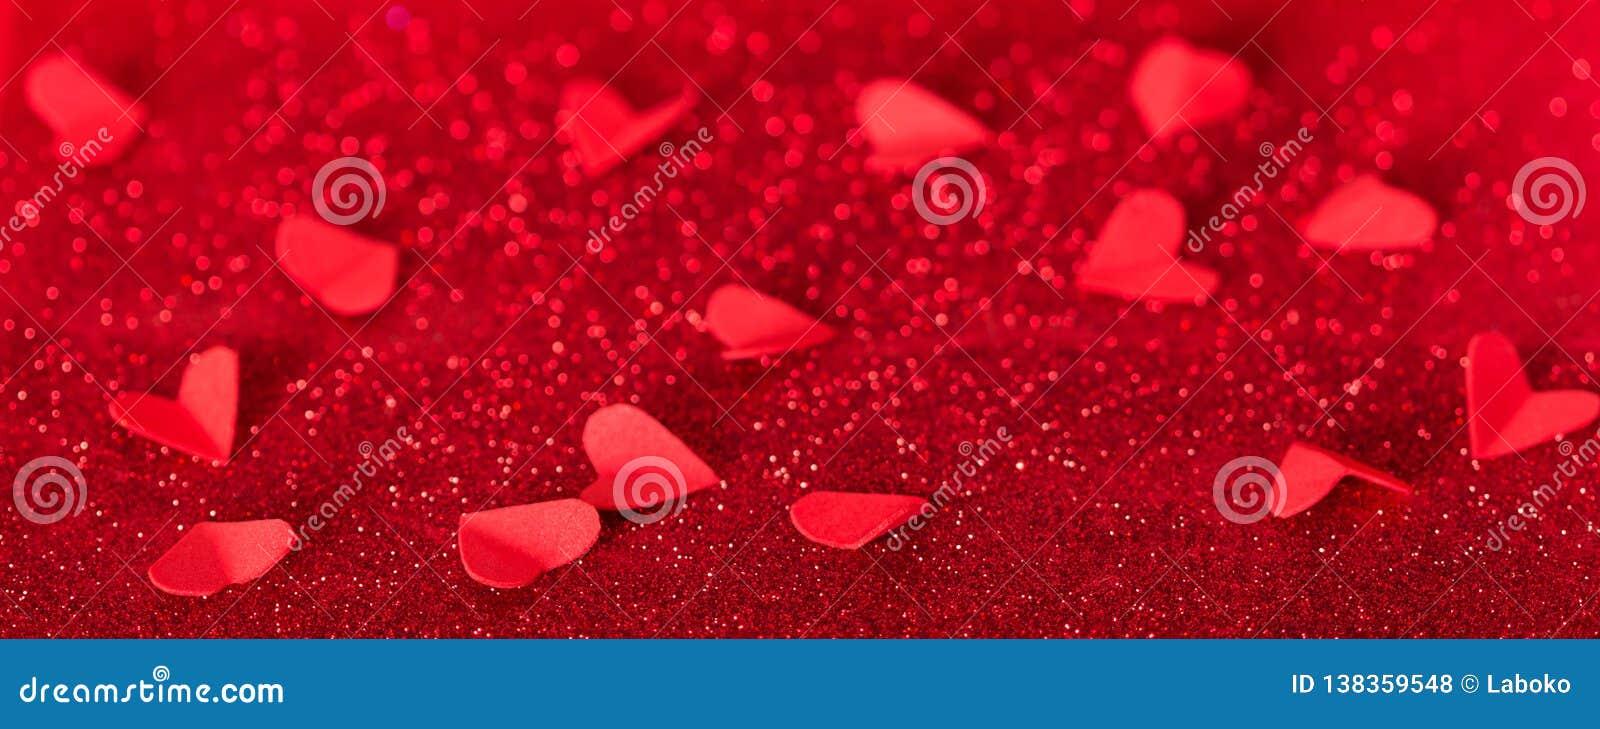 βαλεντίνος ημέρας s Πολλές κόκκινες καρδιές στο υπόβαθρο των λάμποντας κρυστάλλων